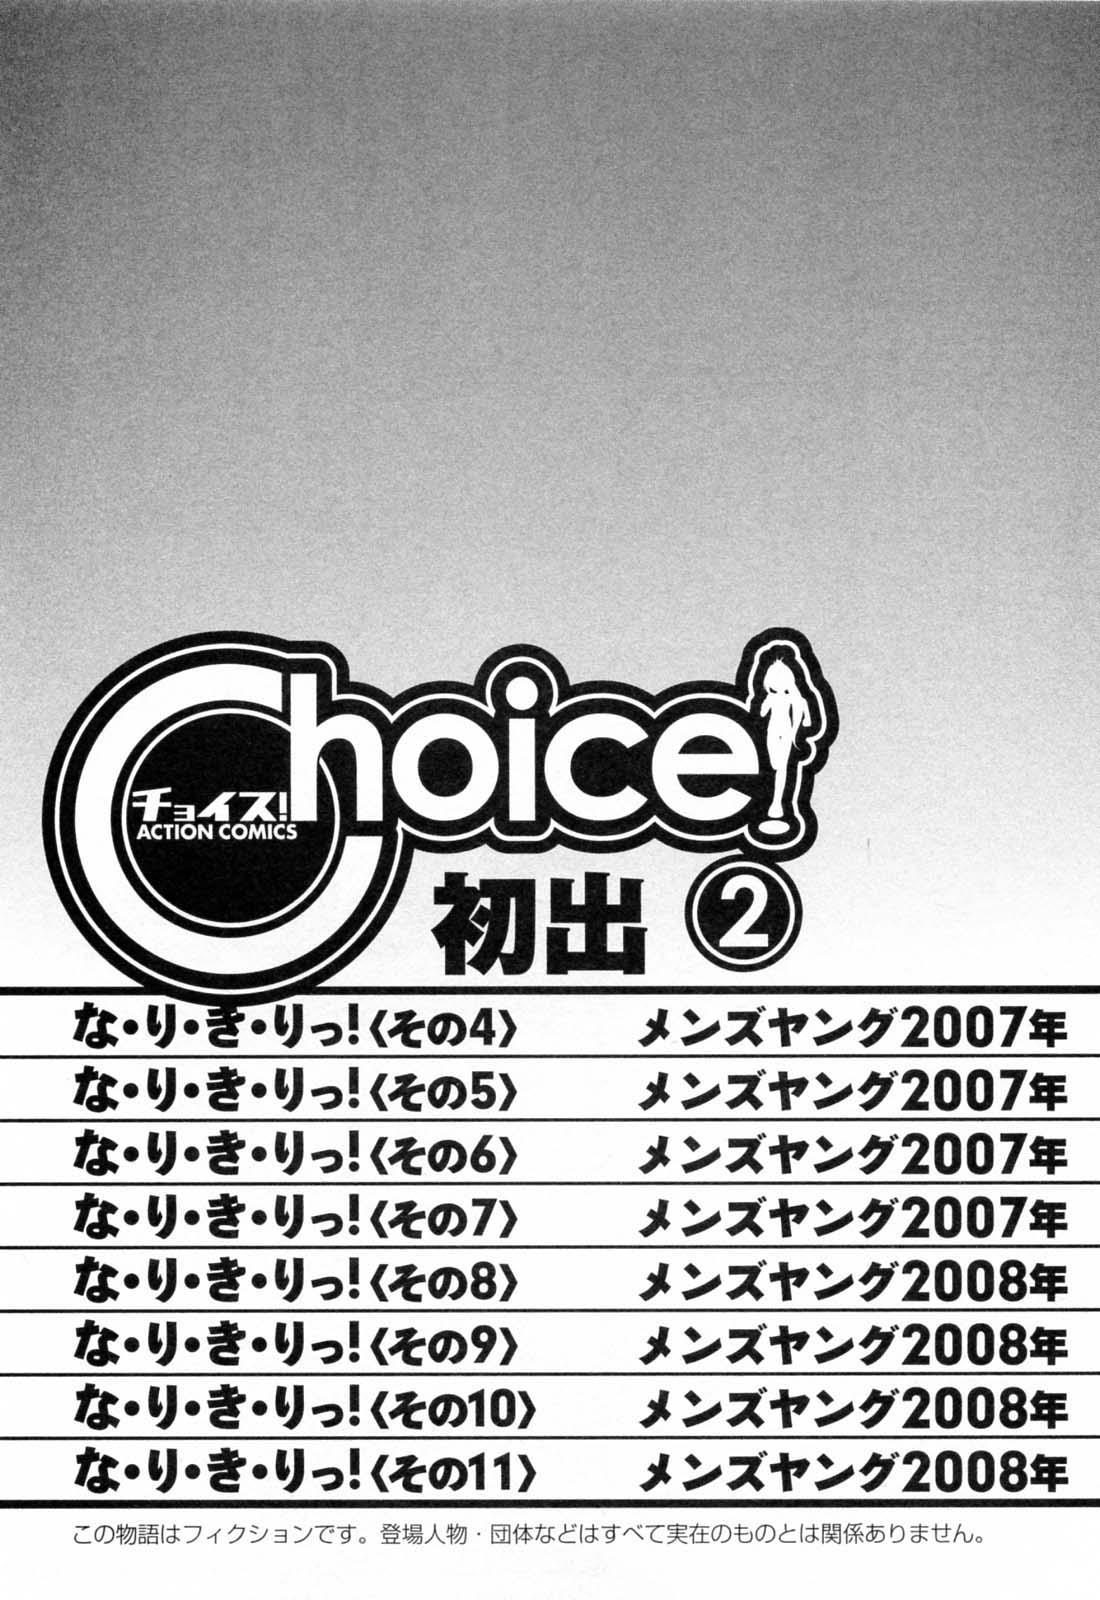 Choice! 02 176